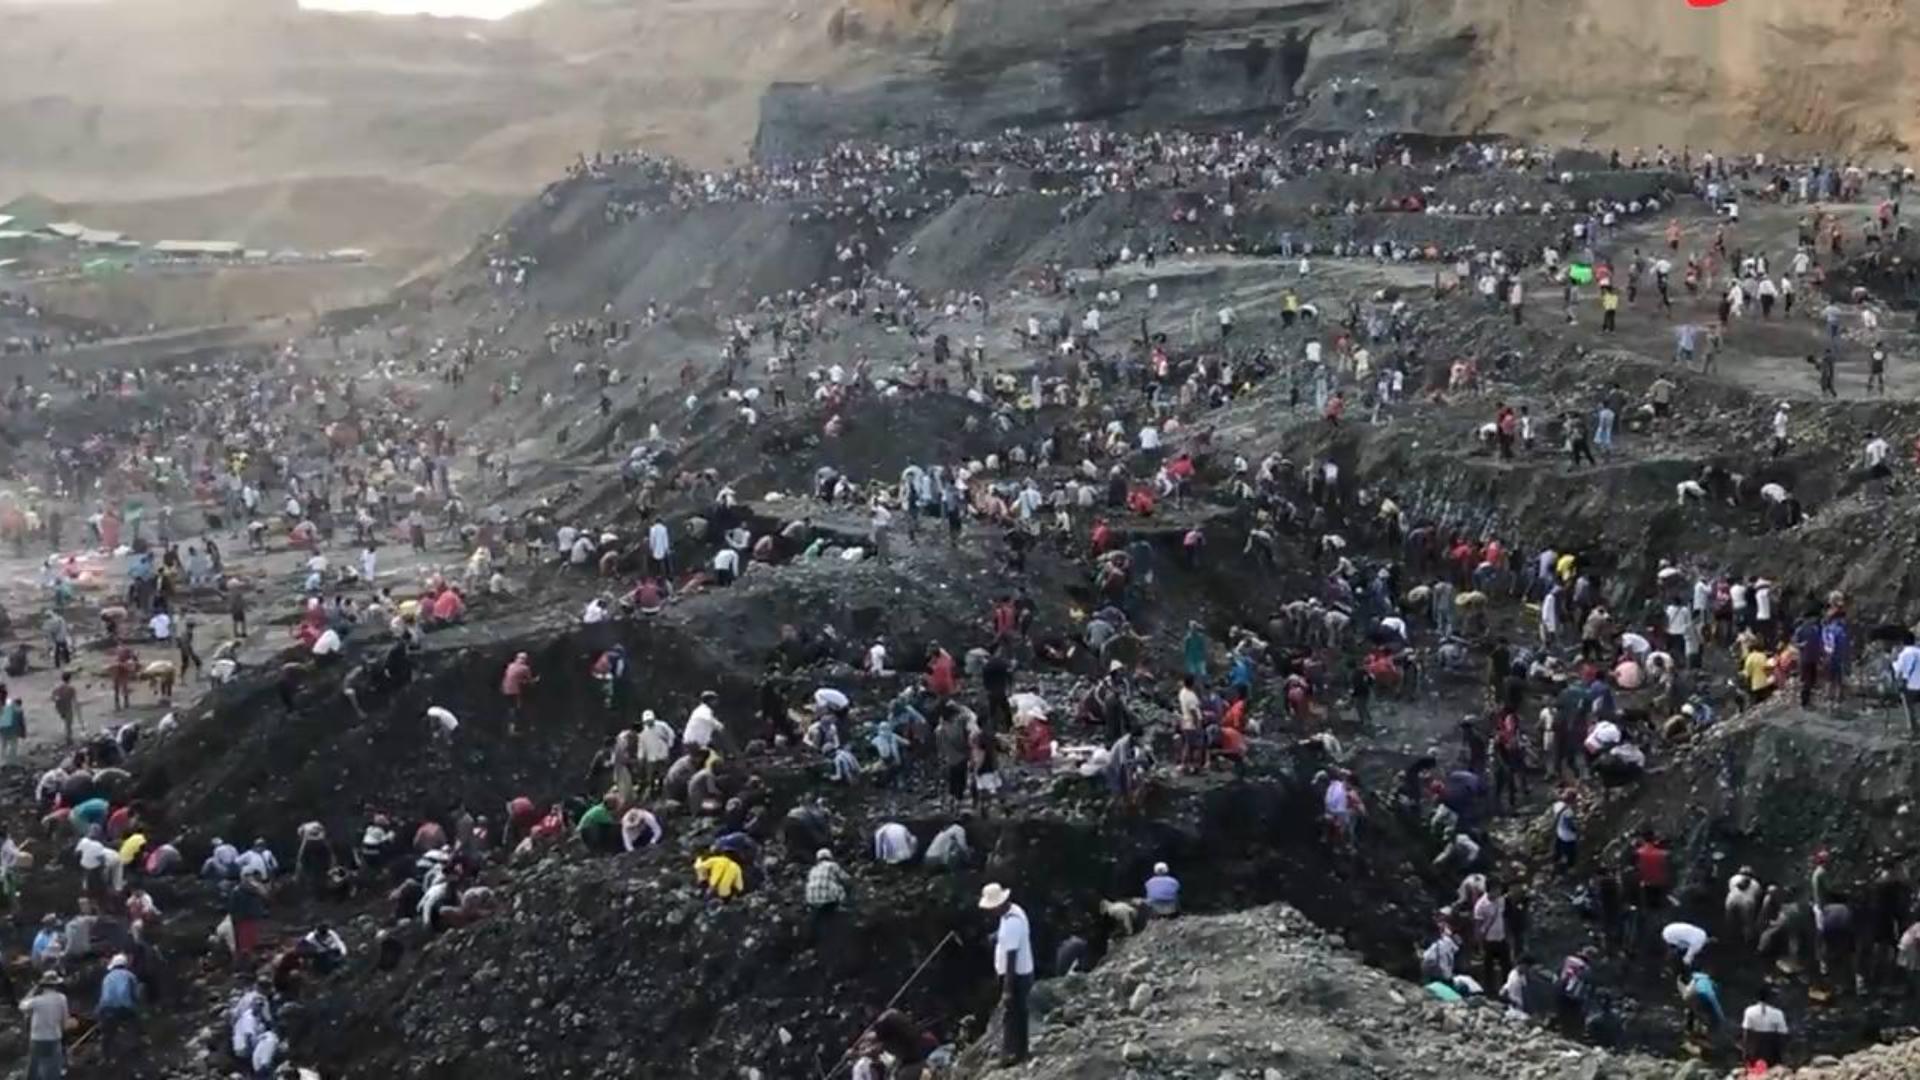 实拍缅甸万人挖翡翠现场:人山人海,酷似大型劳改场!